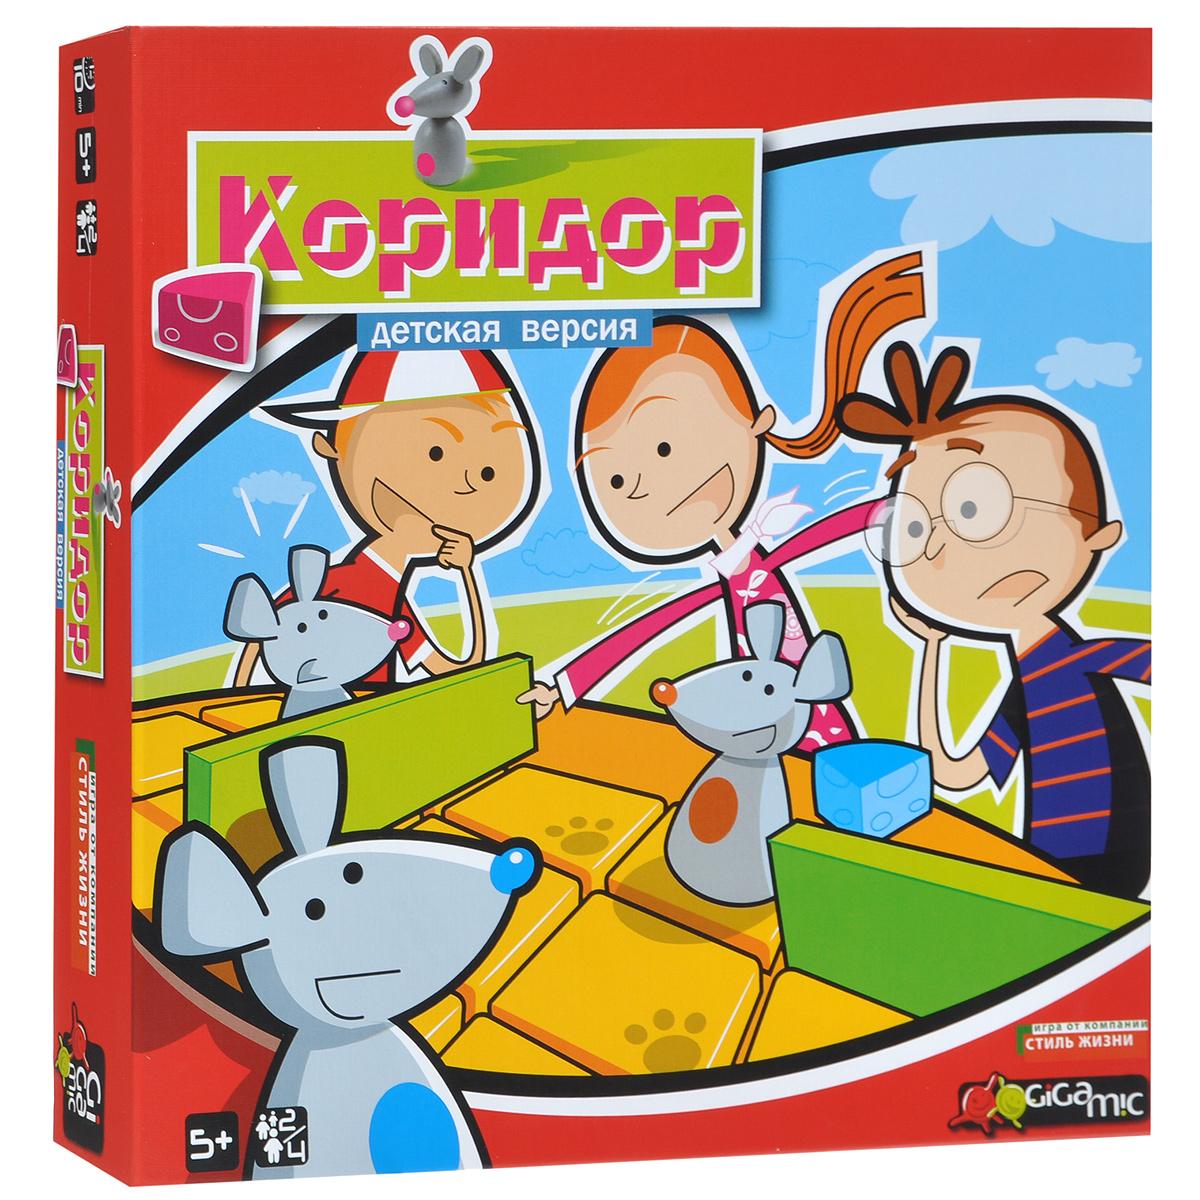 Настольная игра Коридор, детская версияР61762Настольная детская игра Коридор (Quoridor Kid) отлично подойдет для веселого времяпрепровождения в кругу семьи и друзей. Запутайте мышек соперников в коридорах лабиринта и первым прорвитесь к цели! Каждый ход вам придется делать выбор - приблизить победу, передвинув свою мышку, или поставить преграду на пути соперника? Но возведенные вами стены могут оказаться и на вашем пути, а у противников тоже есть несколько преград в запасе. Здесь есть место и для серьезного расчета, и для ярких эмоций, а победитель зачастую неизвестен до самого конца. Игра с интенсивным взаимодействием между игроками. В комплект игры входят: игровое поле, 4 фигурки мышек, 16 перегородок, 4 «кусочка сыра», мешочек для хранения и правила игры на русском языке. Количество: 2-4 игрока. Время игры: 10 минут.